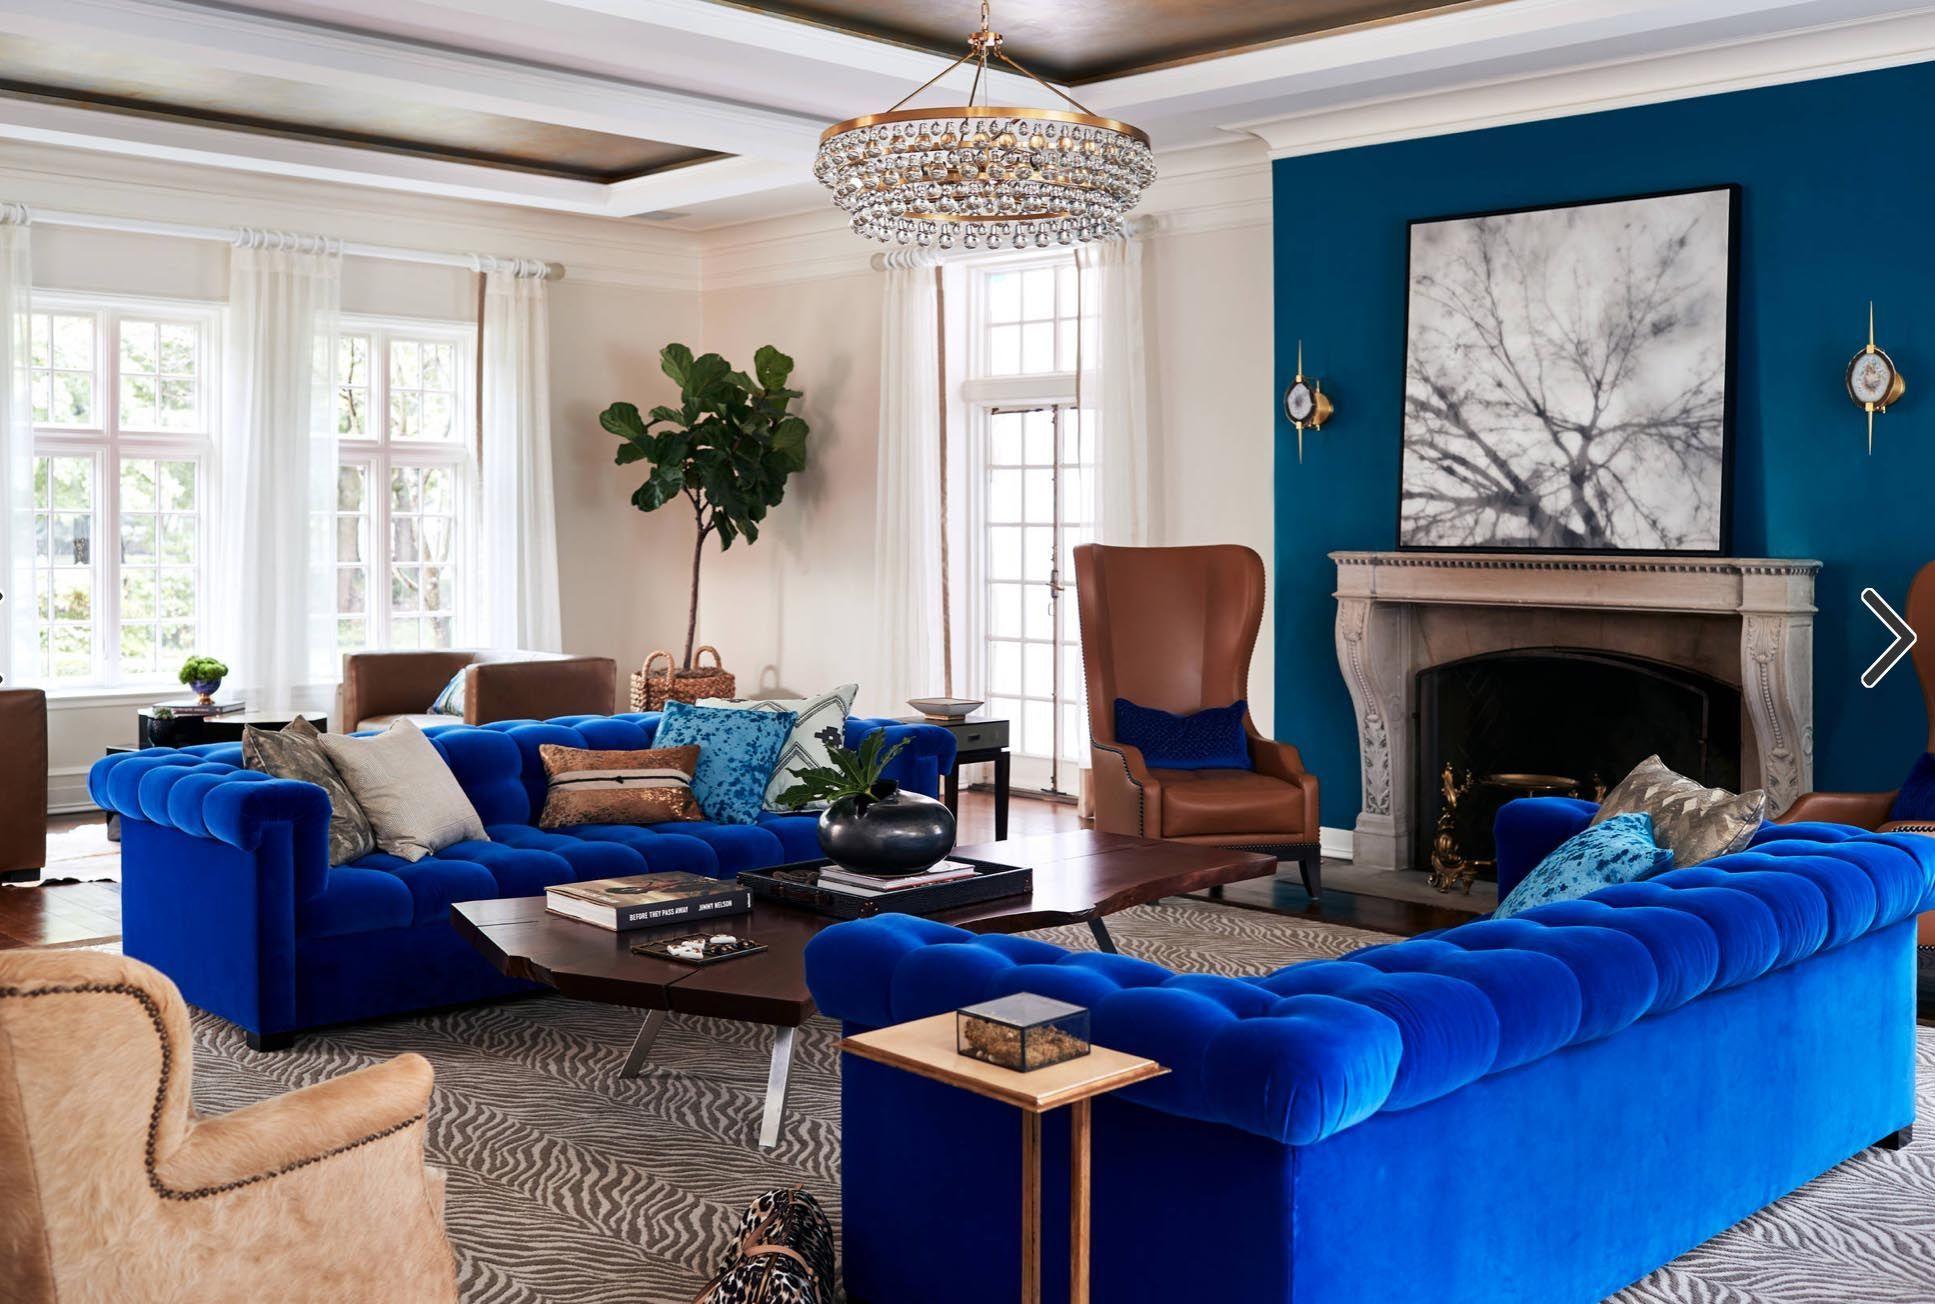 Royal Blue Velvet Sofa Yellow Blue Living Room Made In Usa Blue Sofas Living Room Blue Living Room Decor Blue Living Room